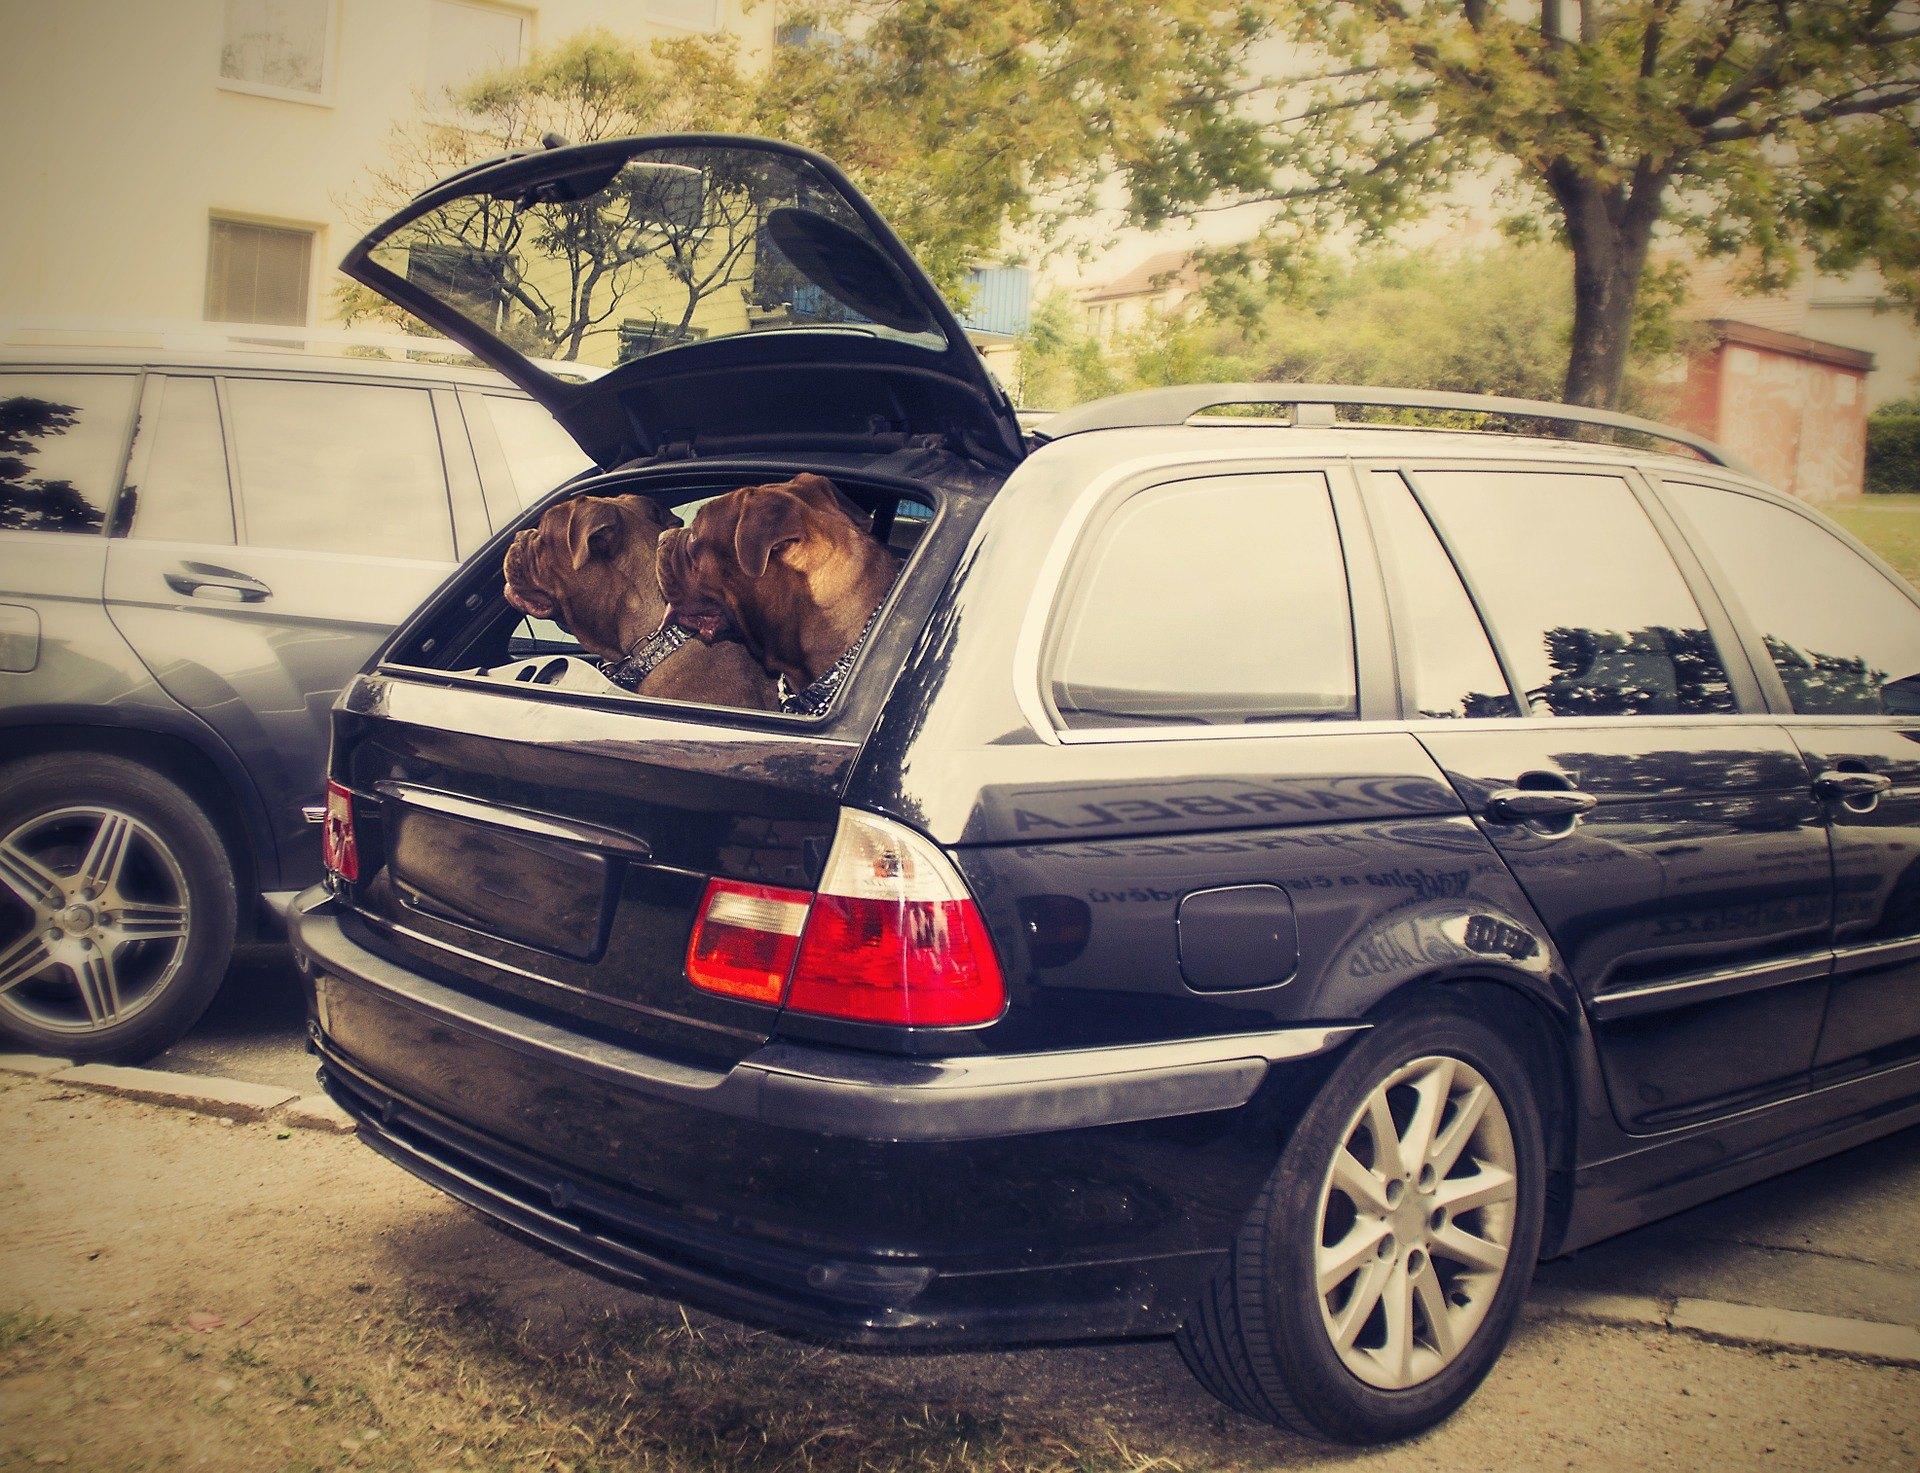 In Polen wird immer häufiger eine Hundeversicherung angeboten. Es kann vor den Auswirkungen eines Unfalls mit einem Haustier schützen.